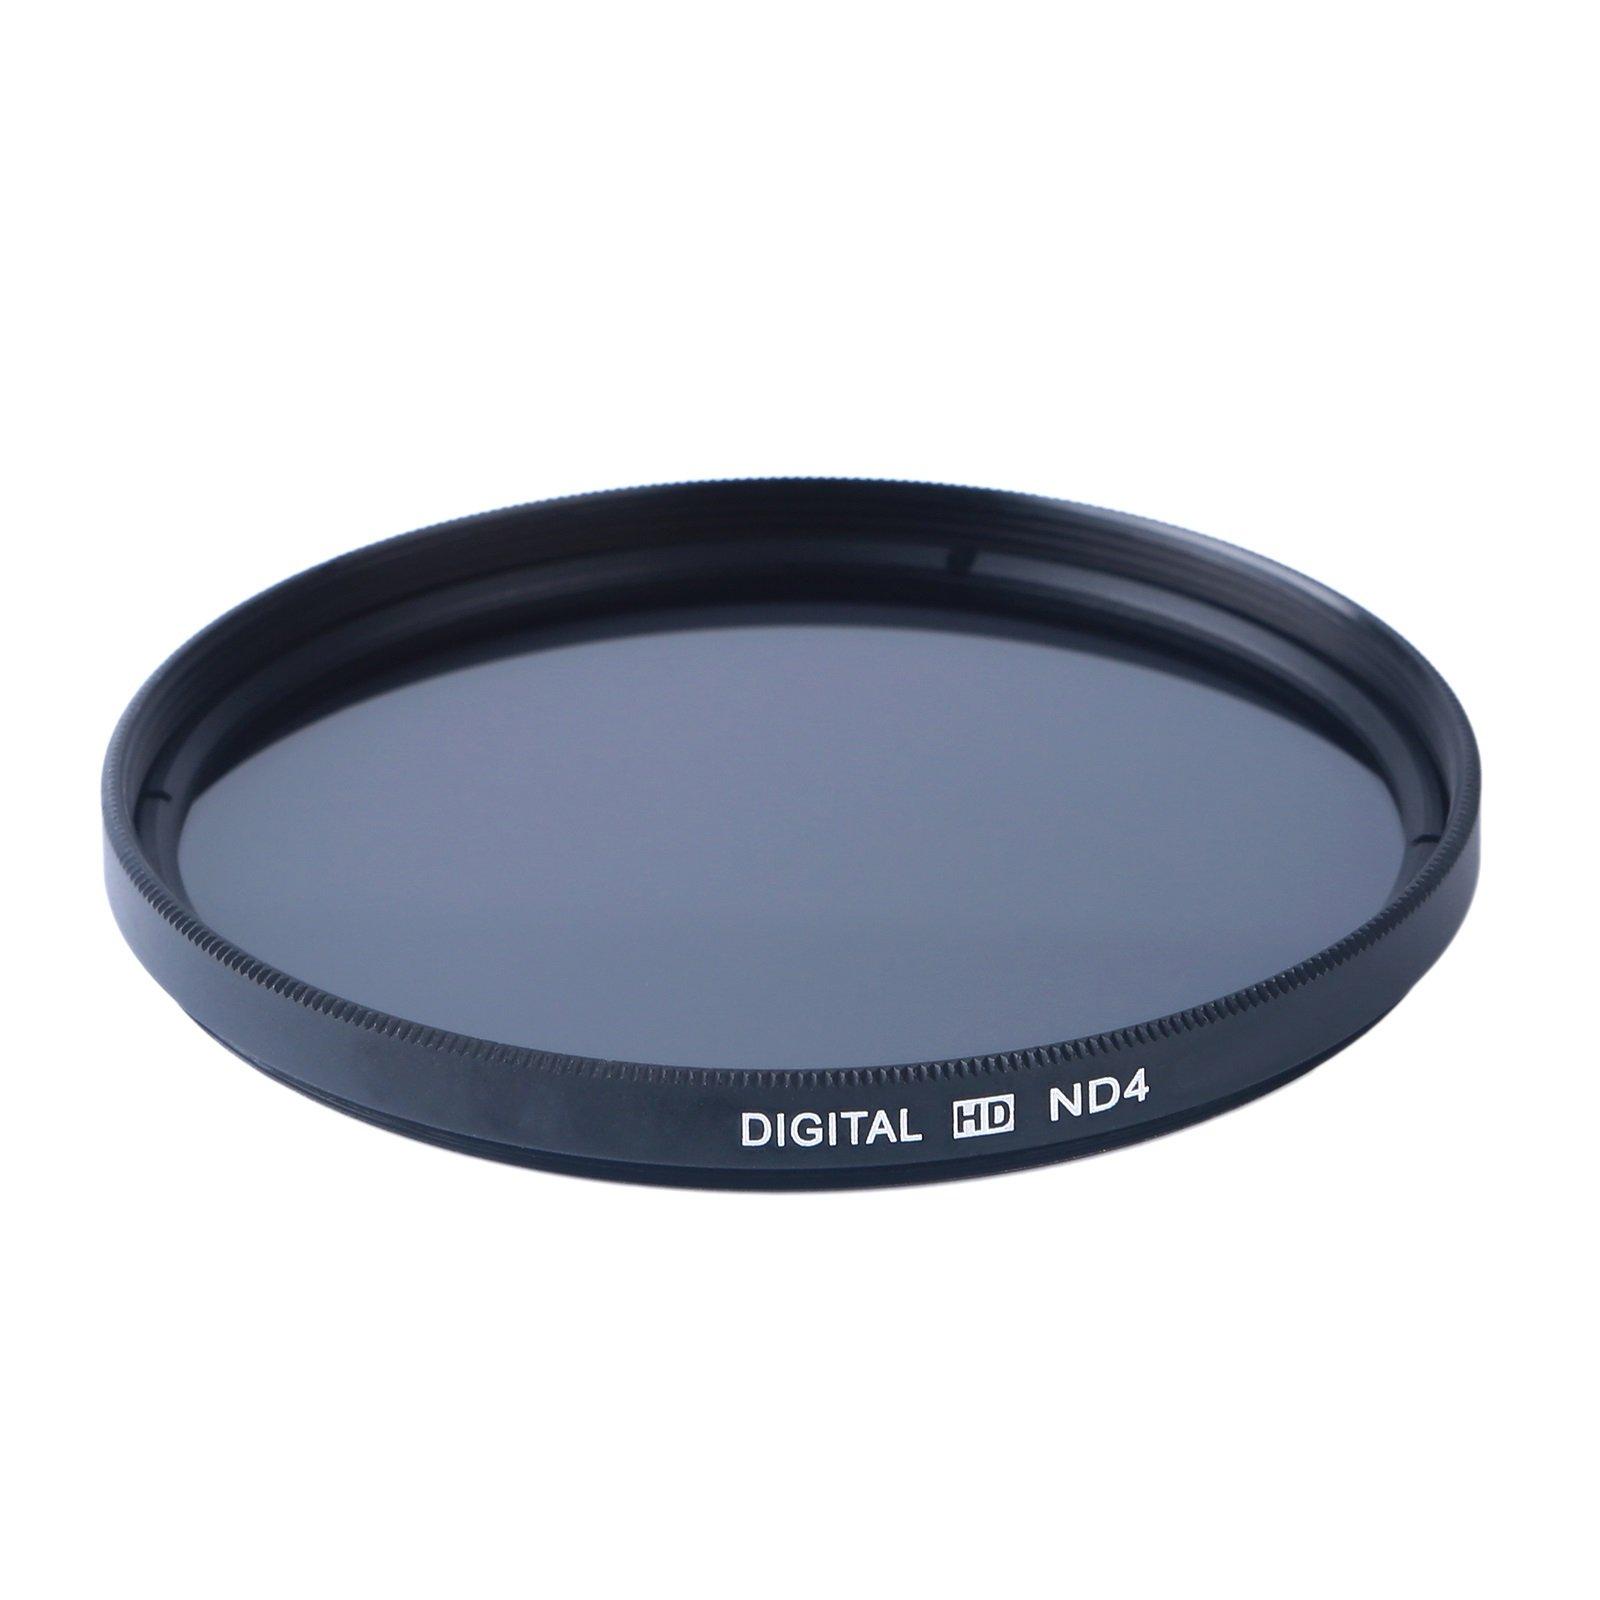 40.5MM Filter Set: Slim UV, Slim CPL, Neutral Density ND4 Filters For Sony Alpha a6500, a6300, a6000, a5000, a5100, NEX 5 6 - NIkon 1 AW1, J1, J2, J3, J4, J5, S1, S2, V1, V2, V3 Digital Camera